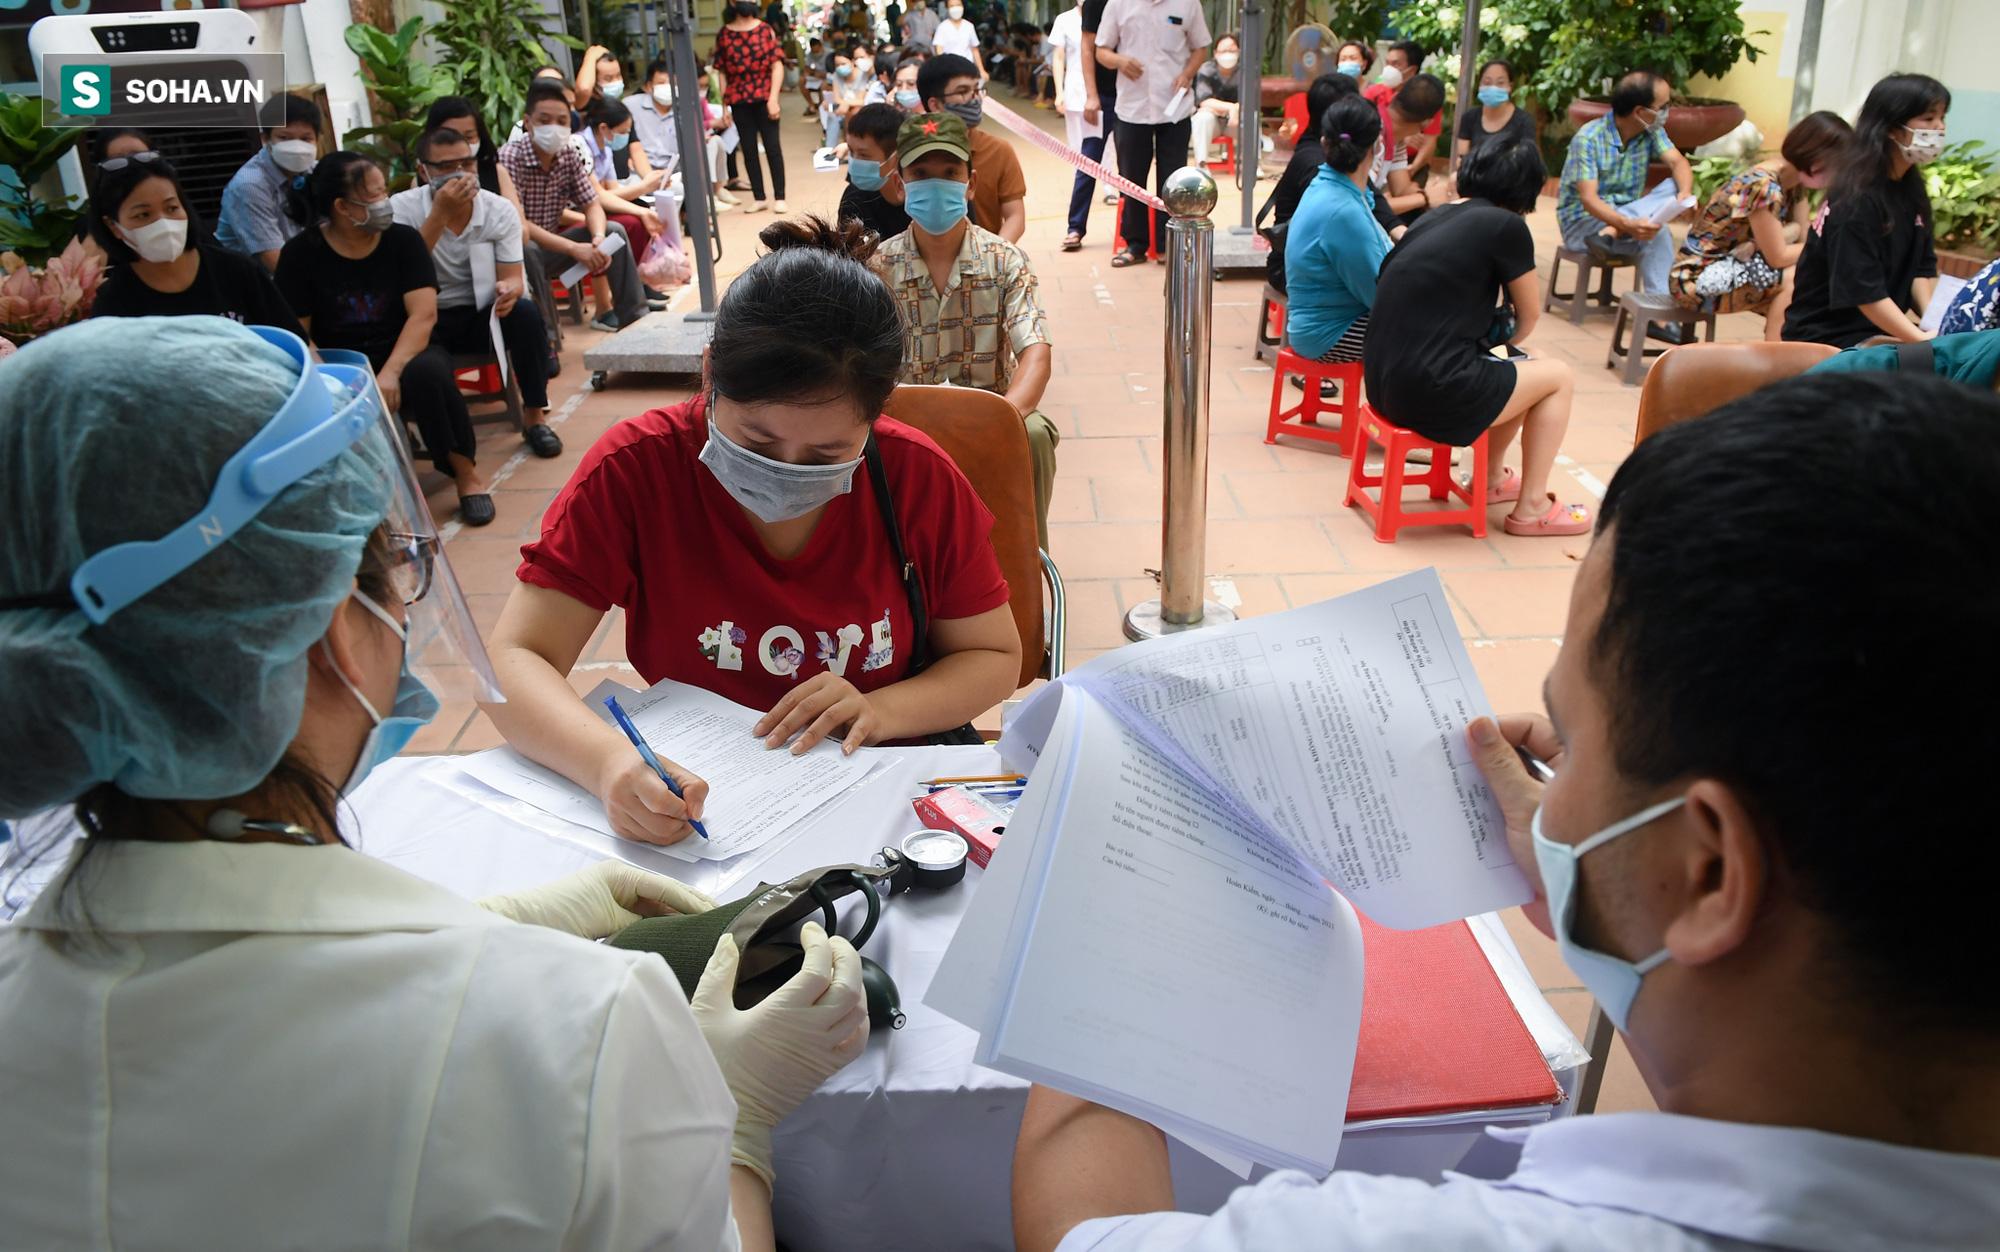 Hà Nội bắt đầu tiêm vaccine Covid-19 trên diện rộng - Ảnh 1.